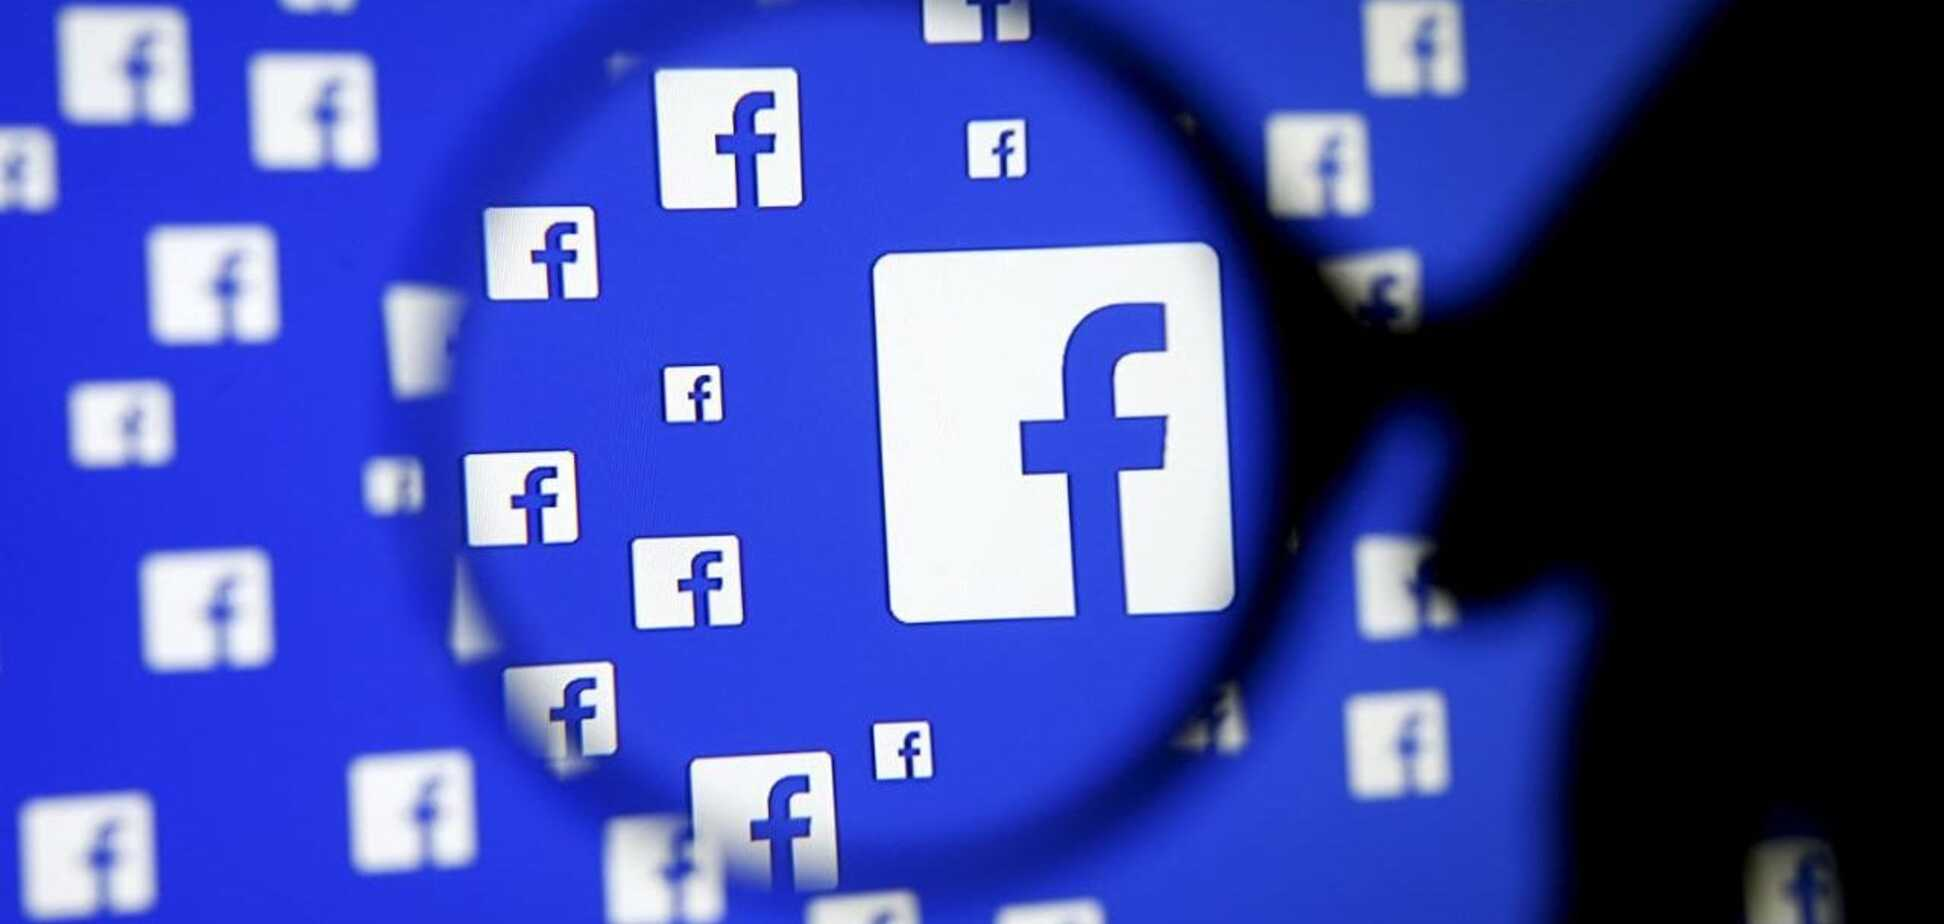 Причастна Россия: экс-сотрудник Cambridge Analytica приоткрыл завесу о 'сливе' данных из Facebook